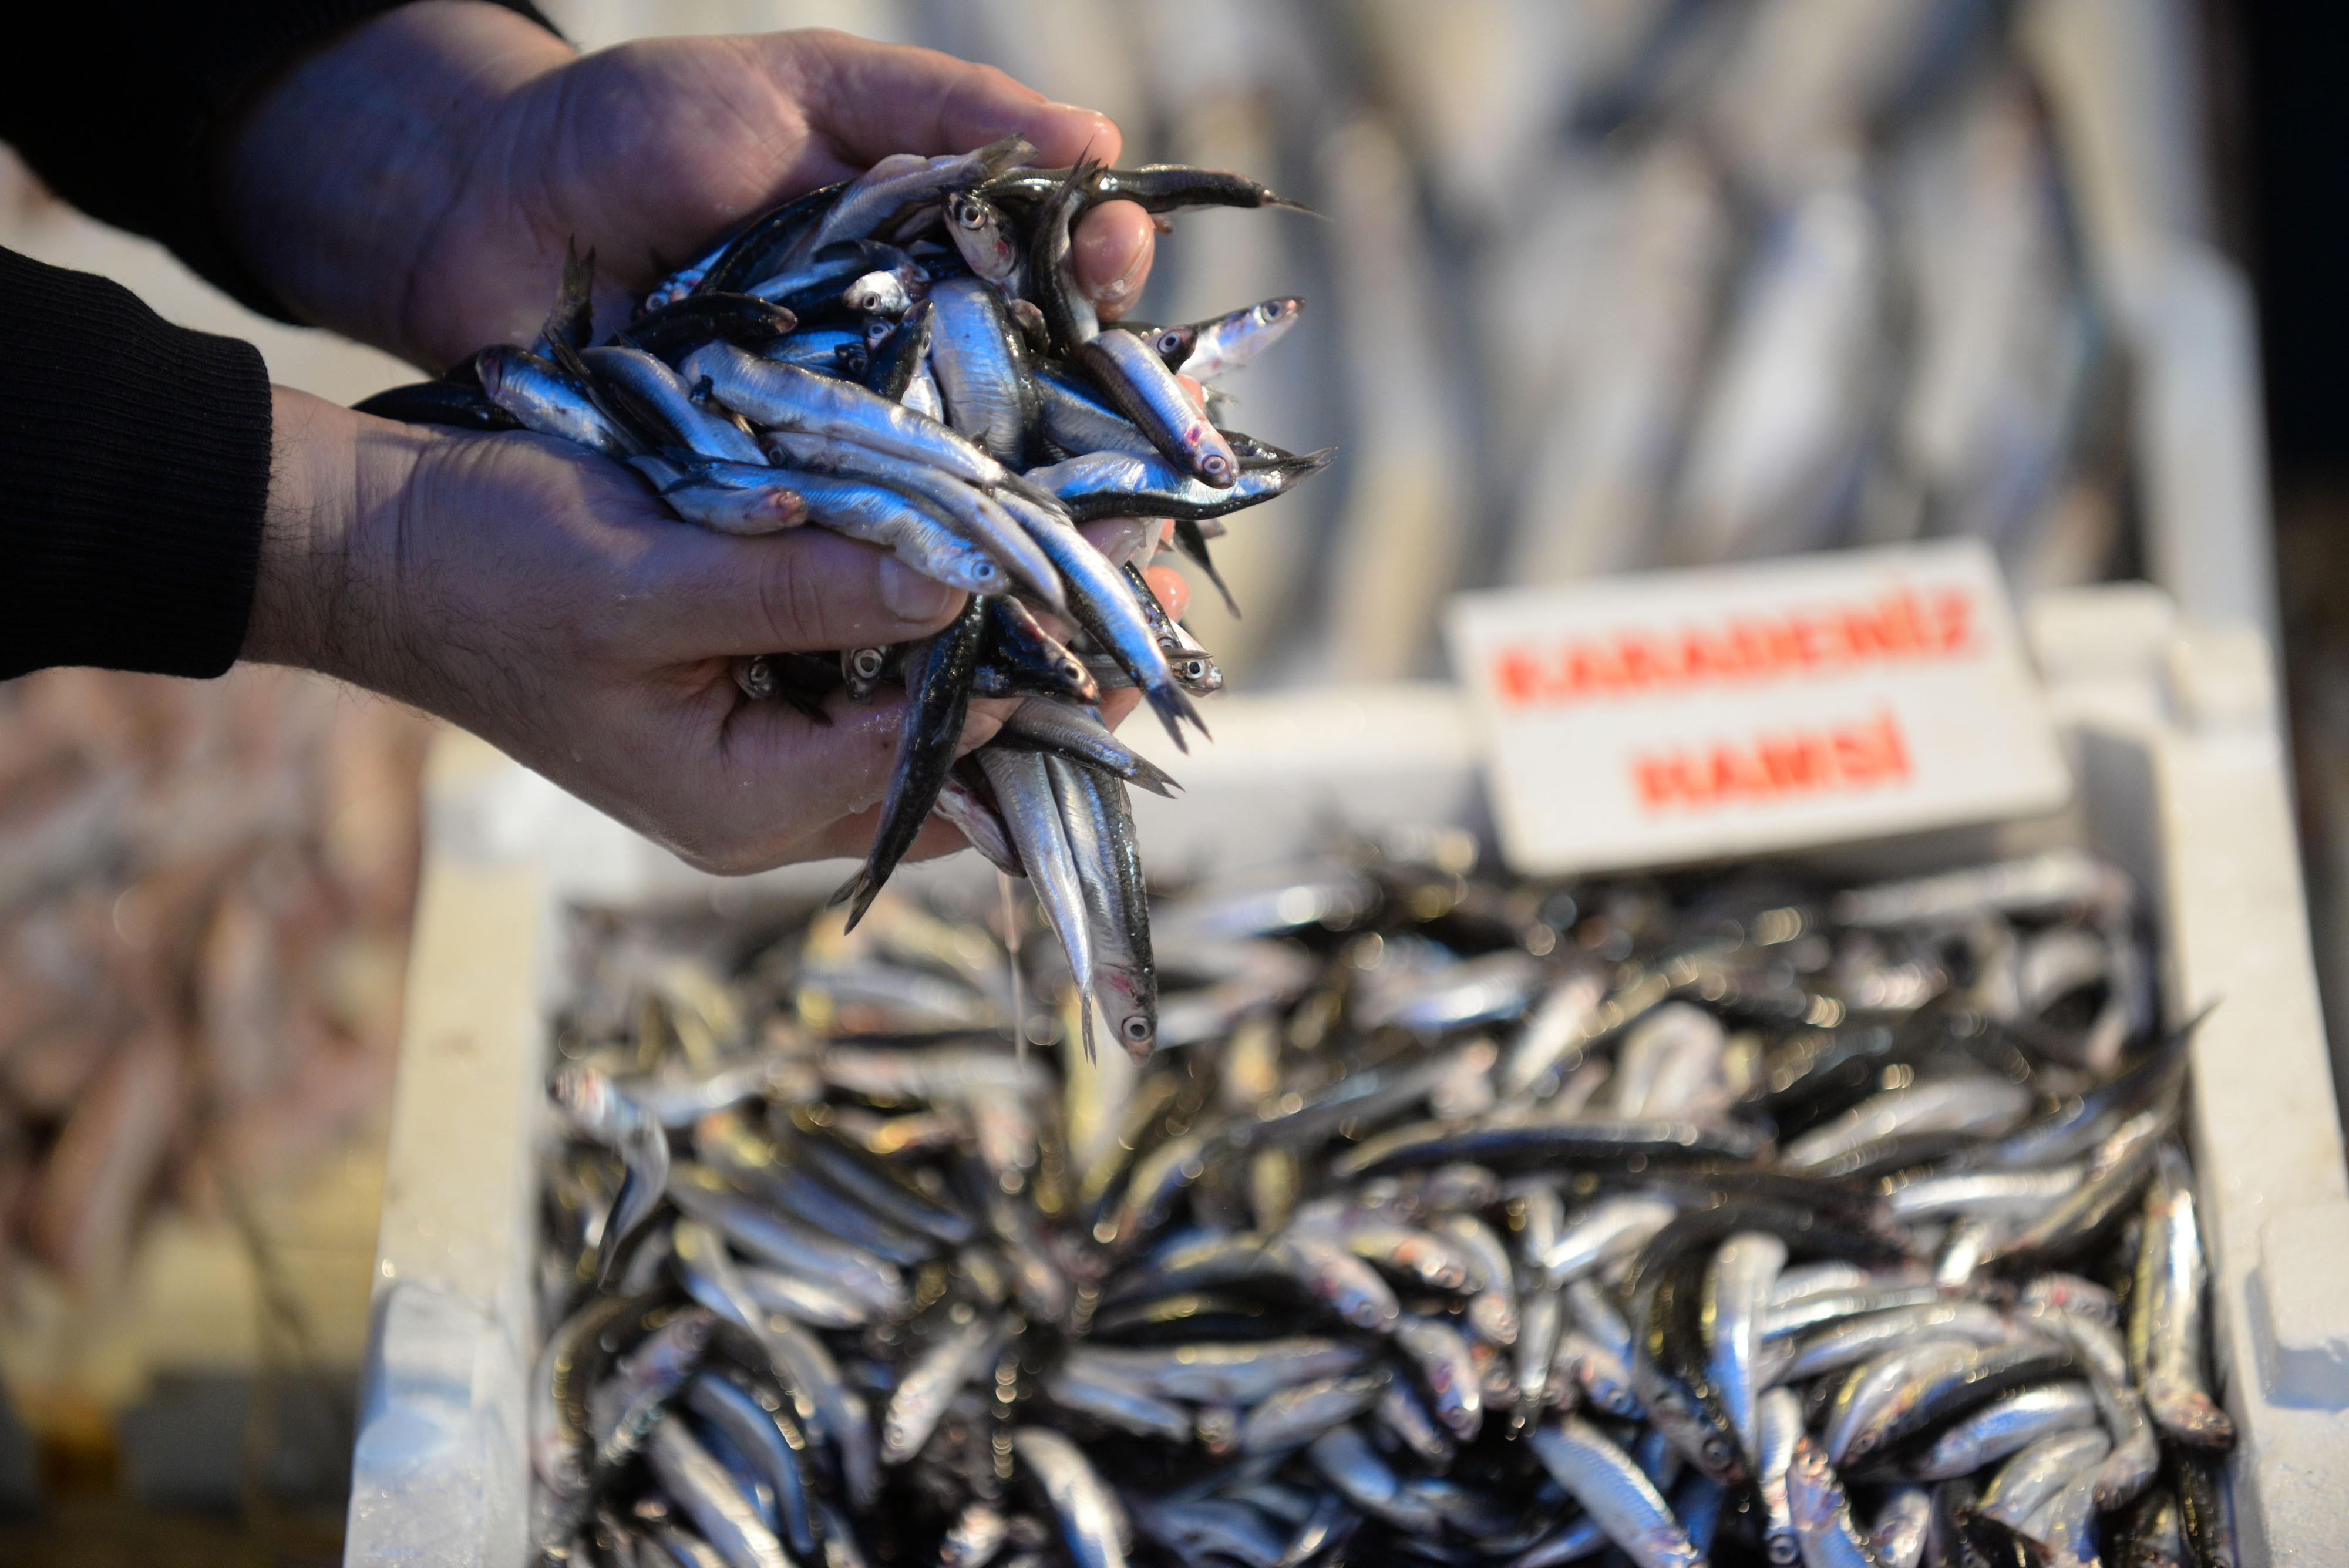 Av yasağının bitmesiyle balıkçılar sezonda umduğunu bulamadı